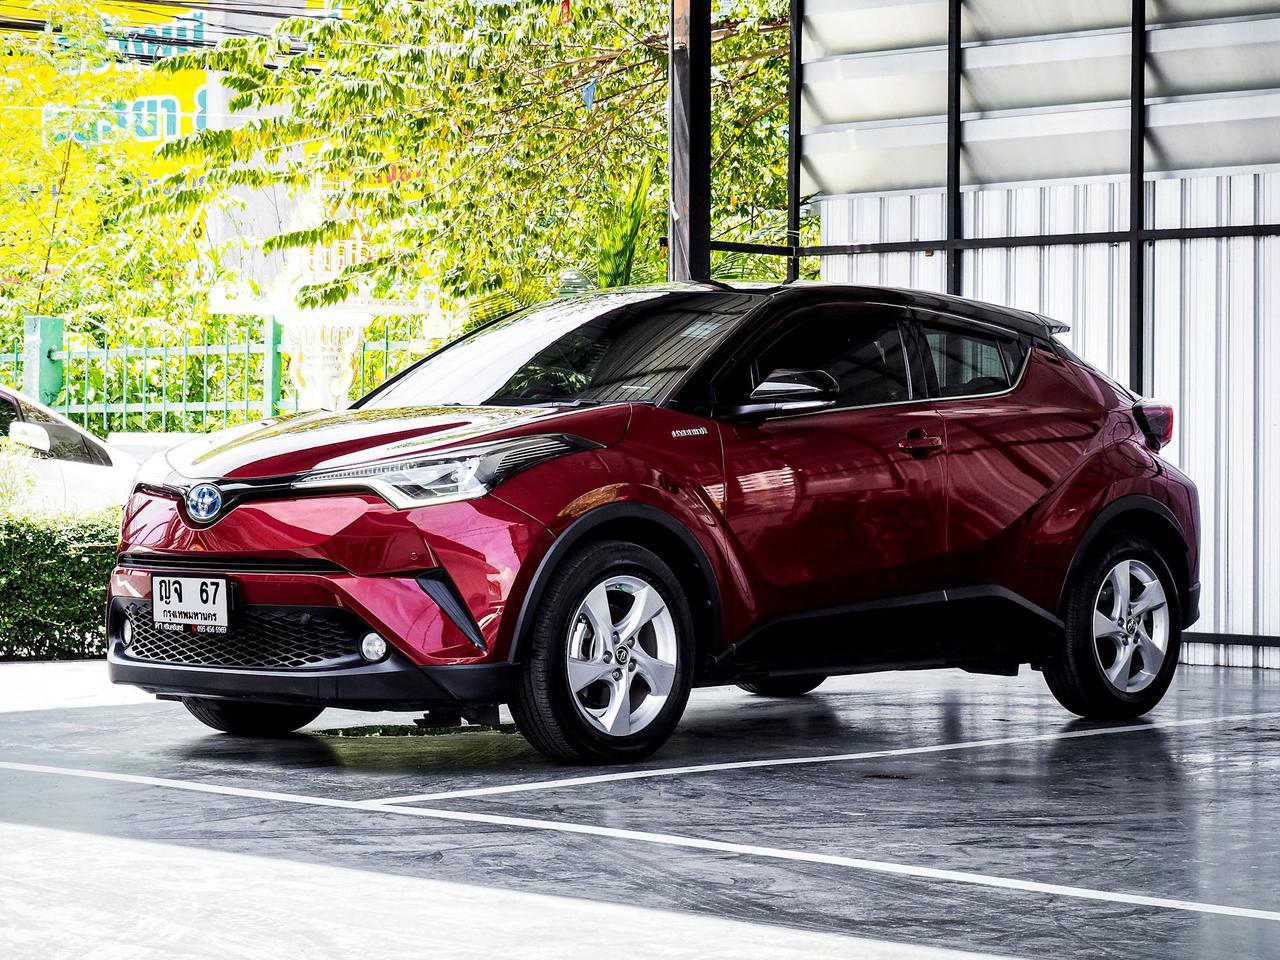 Toyota CHR HV Hi รุ่น Top สุด ปี 2019 เลขไมล์ 60,000 กิโล รูปที่ 3